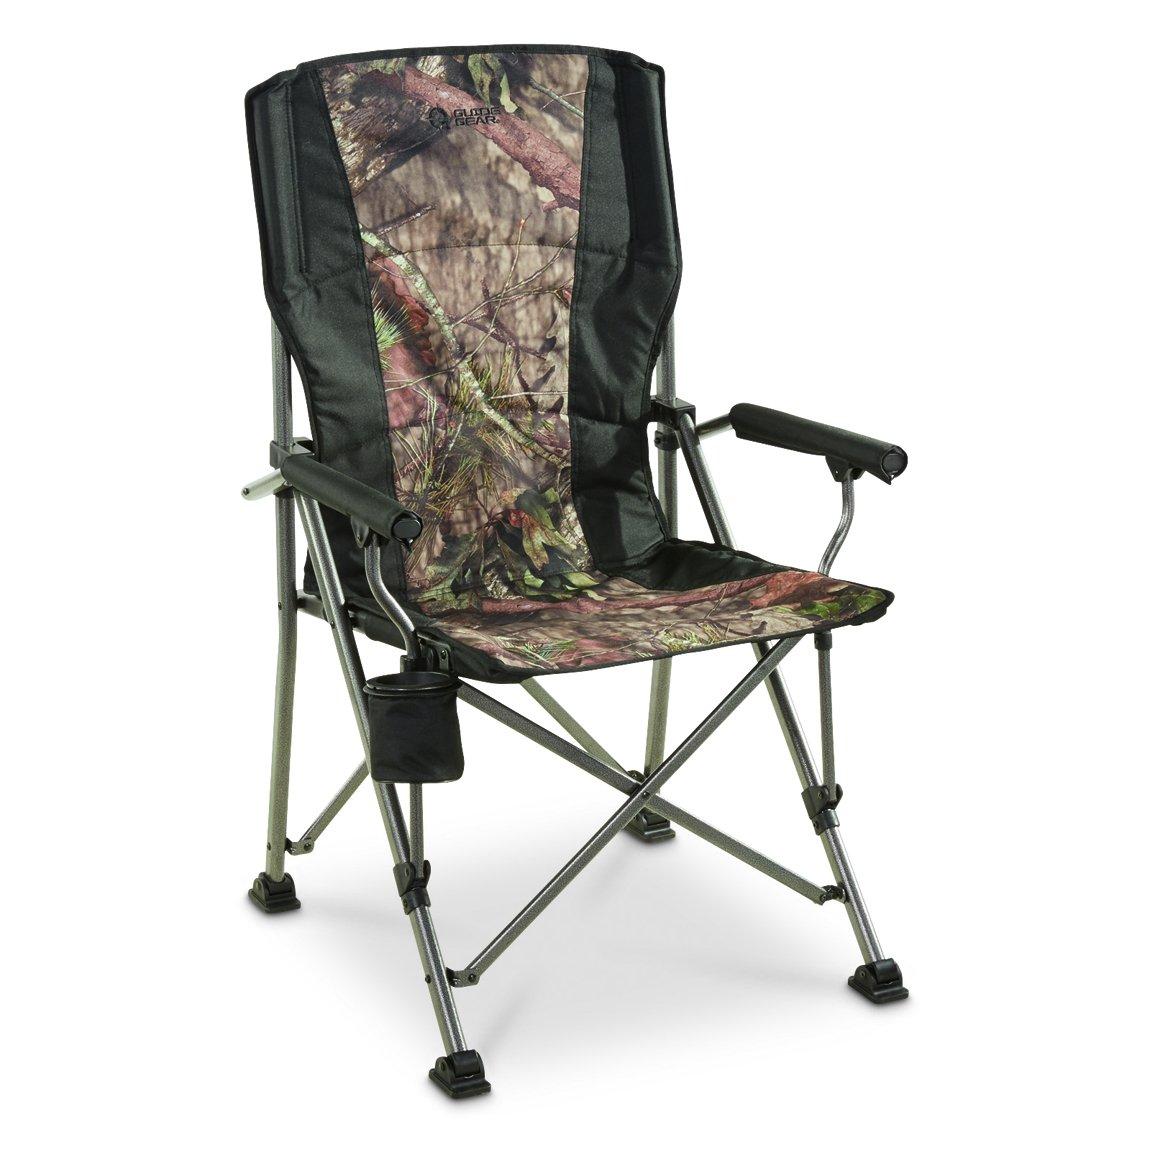 ガイドギアOversized ChampionハードアームCamp Chair Mossy Oak break-up国 B079GZXXVP